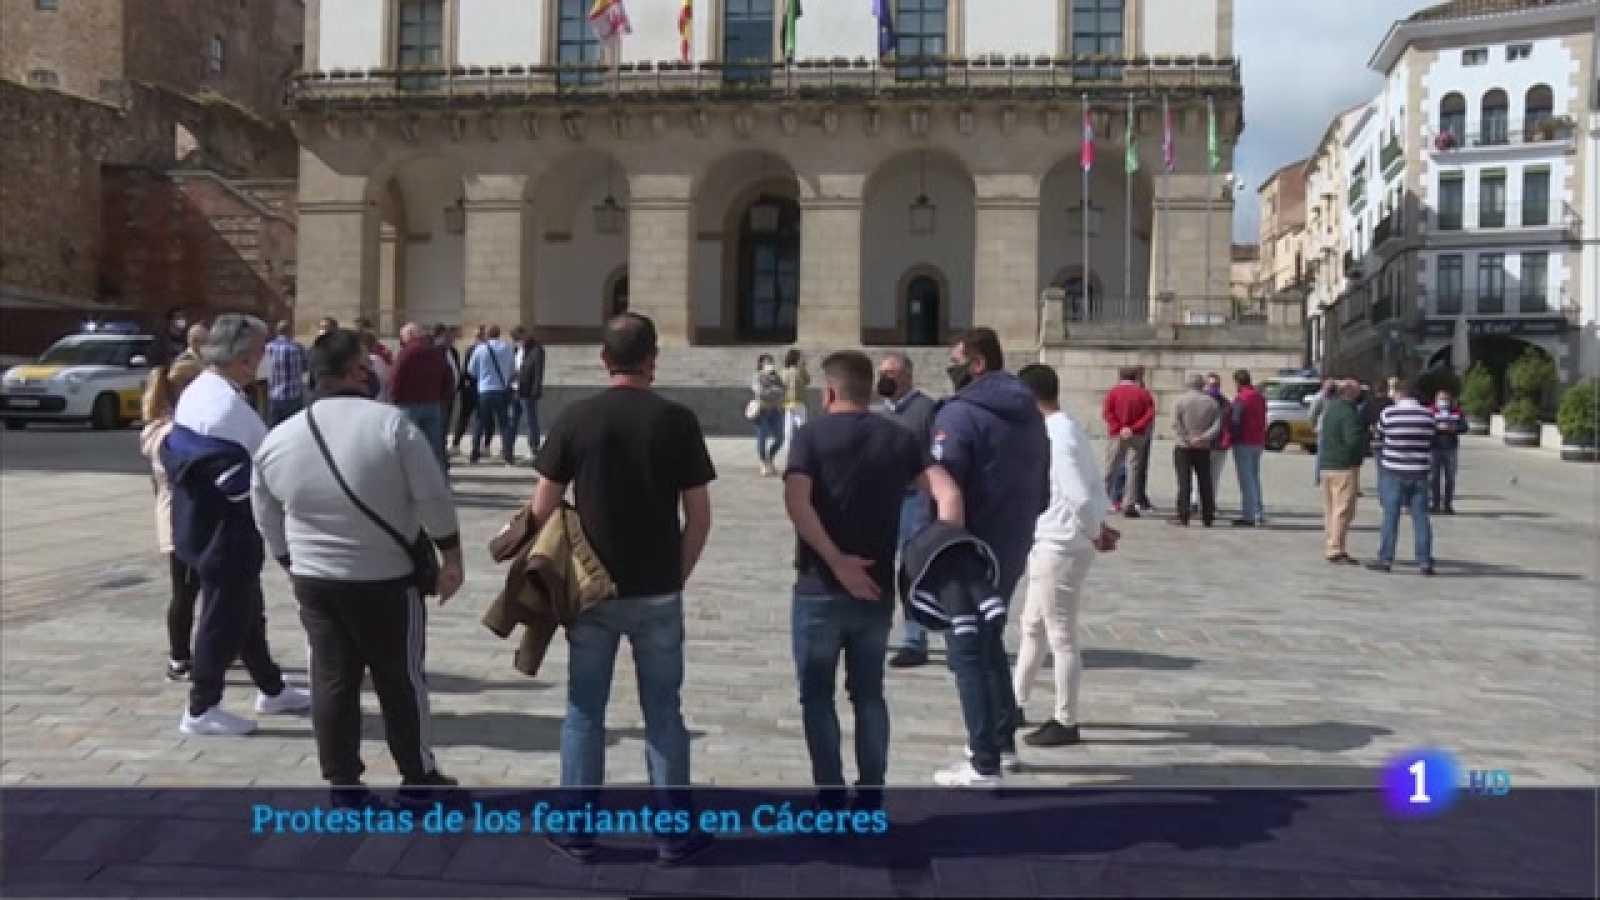 Protestas de los feriantes en Cáceres - 10/05/2021